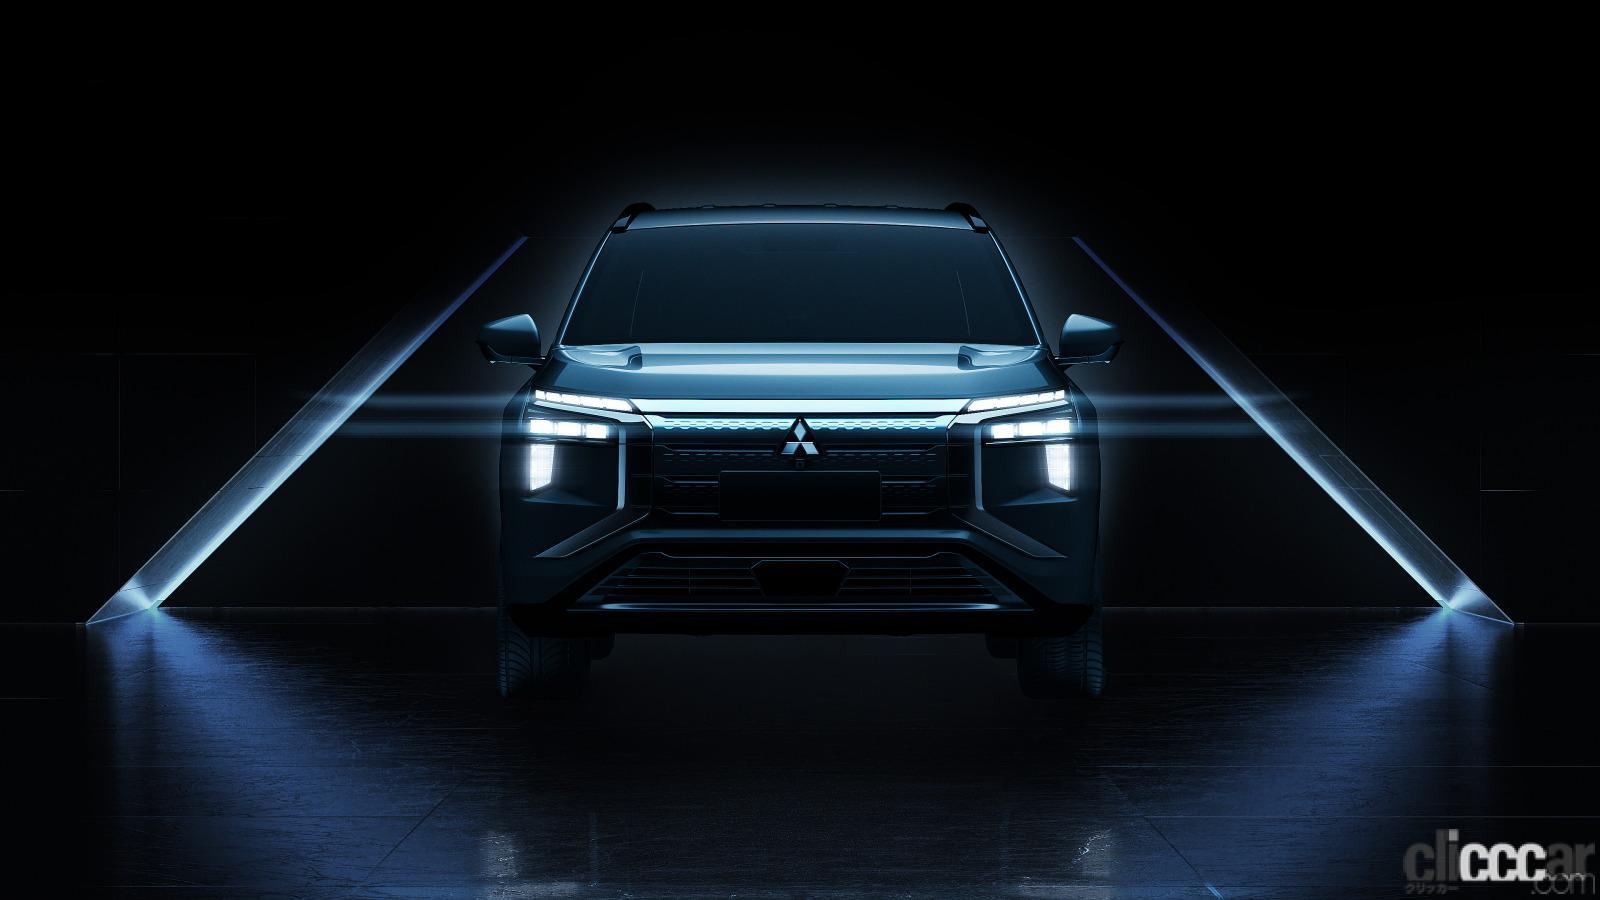 三菱自動車が新型SUV・EVの「エアトレック」のデザインを公開